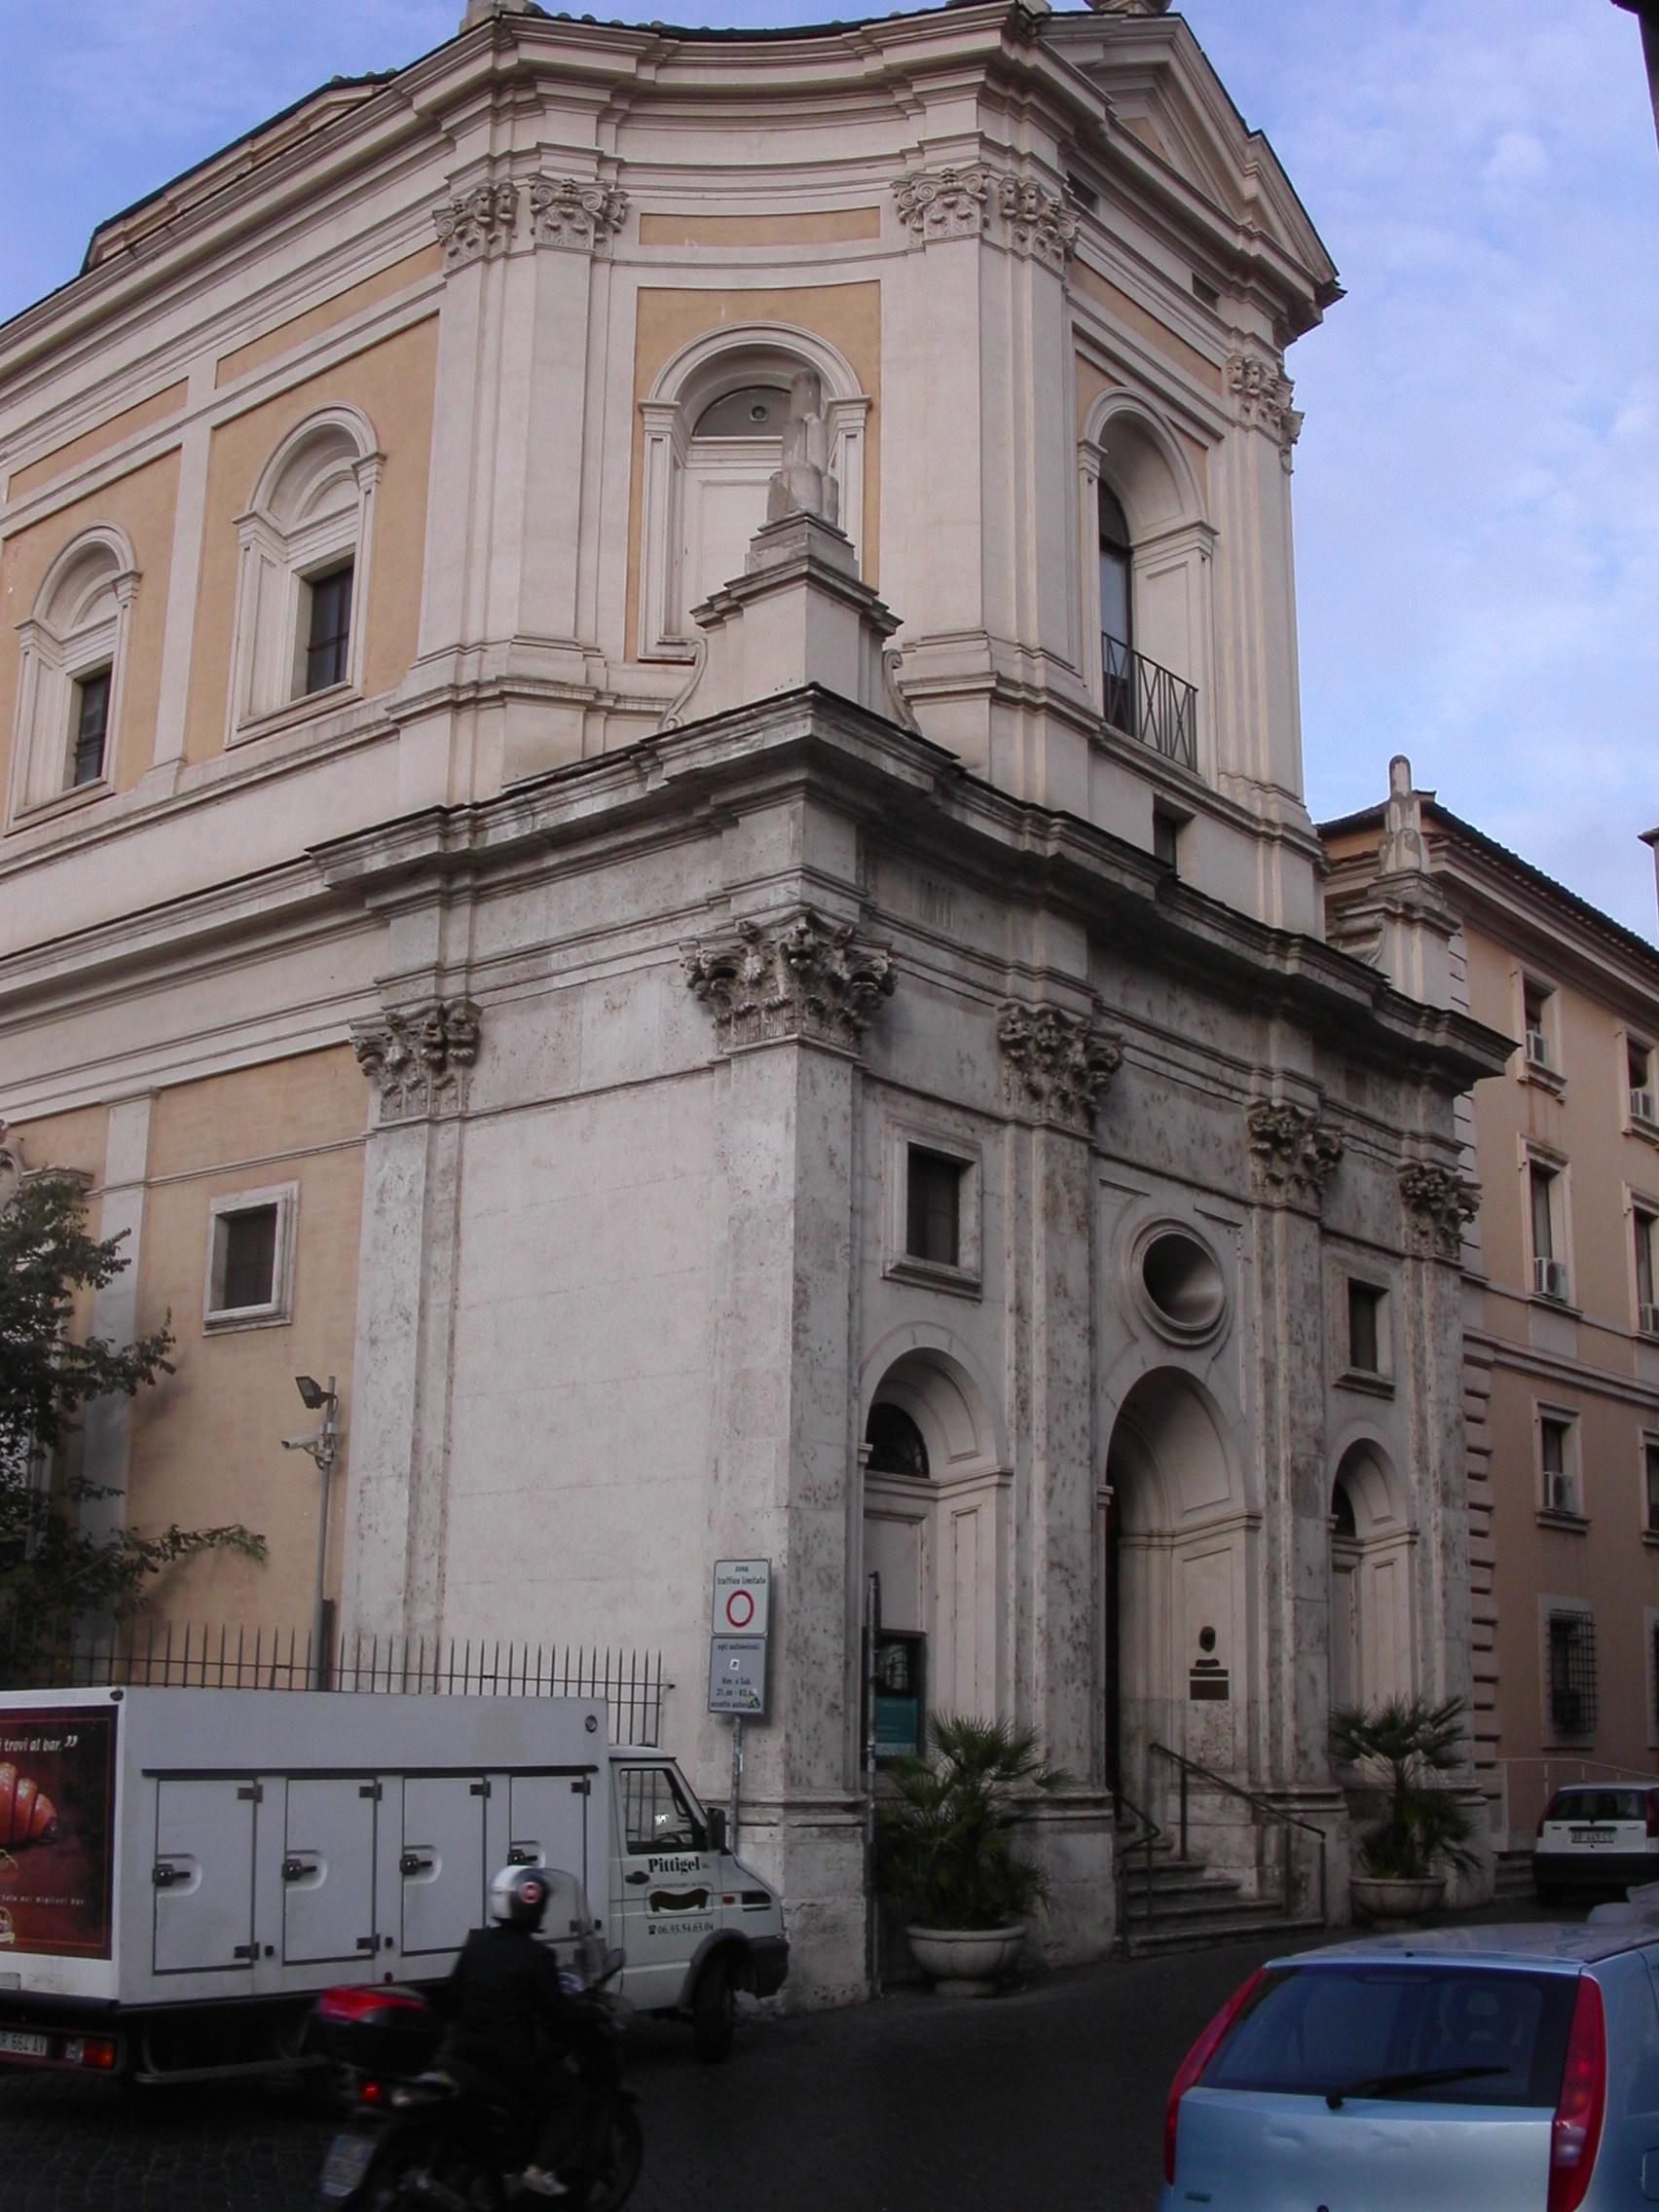 Santa rita da cascia in campitelli churches of rome wiki for Basilica di santa rita da cascia